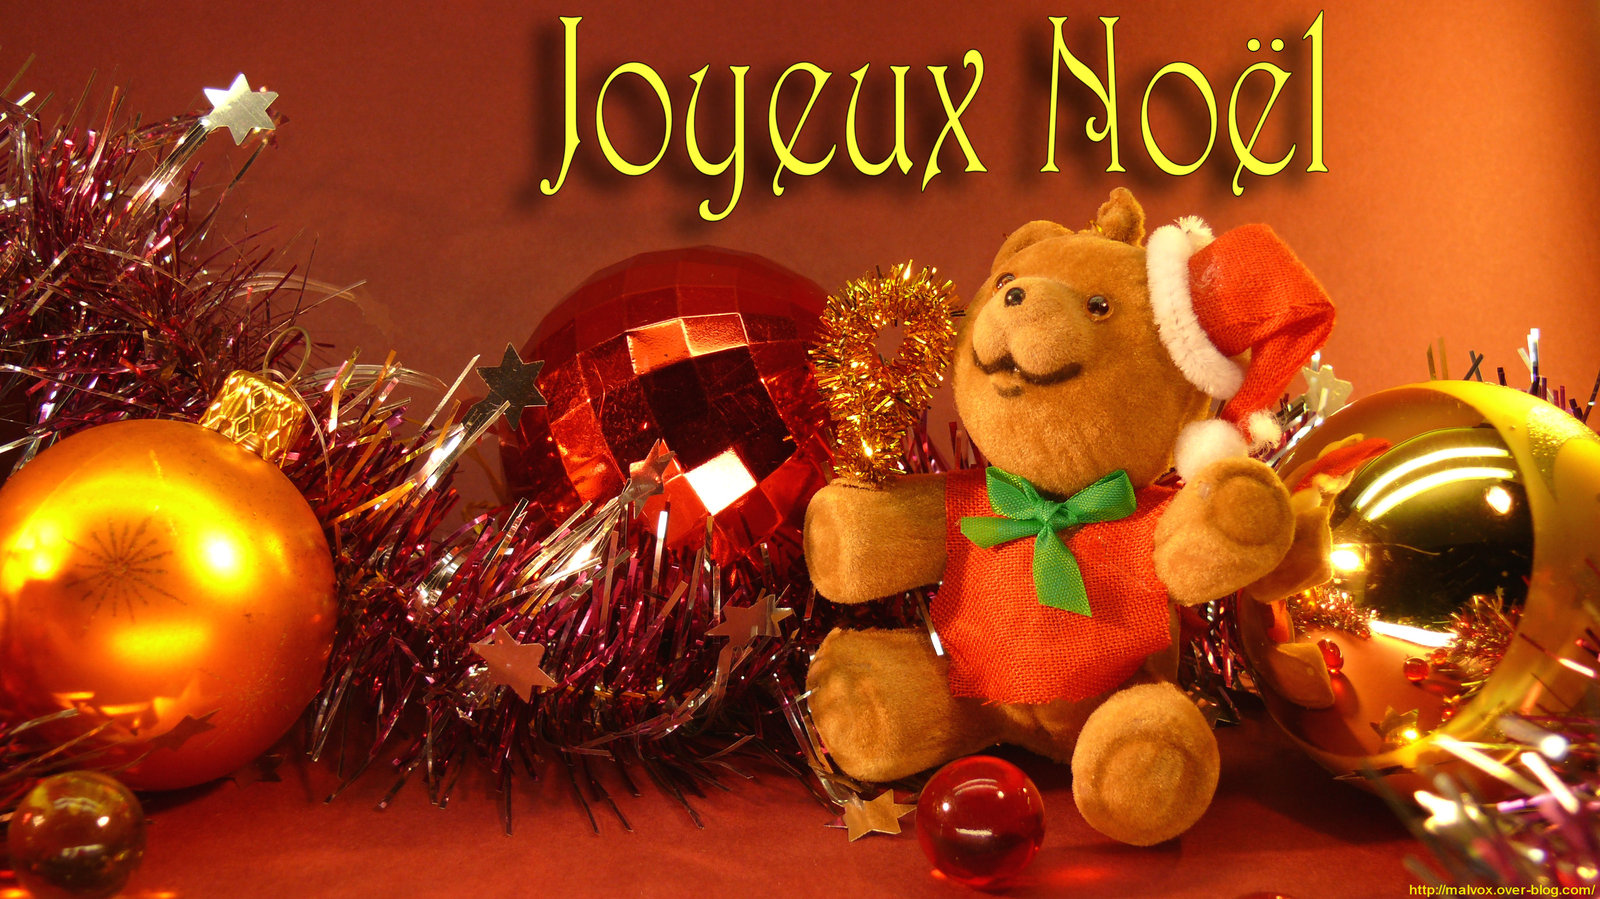 Comment Souhaiter Joyeux Noel Sur Facebook.Souhaiter Joyeux Noel